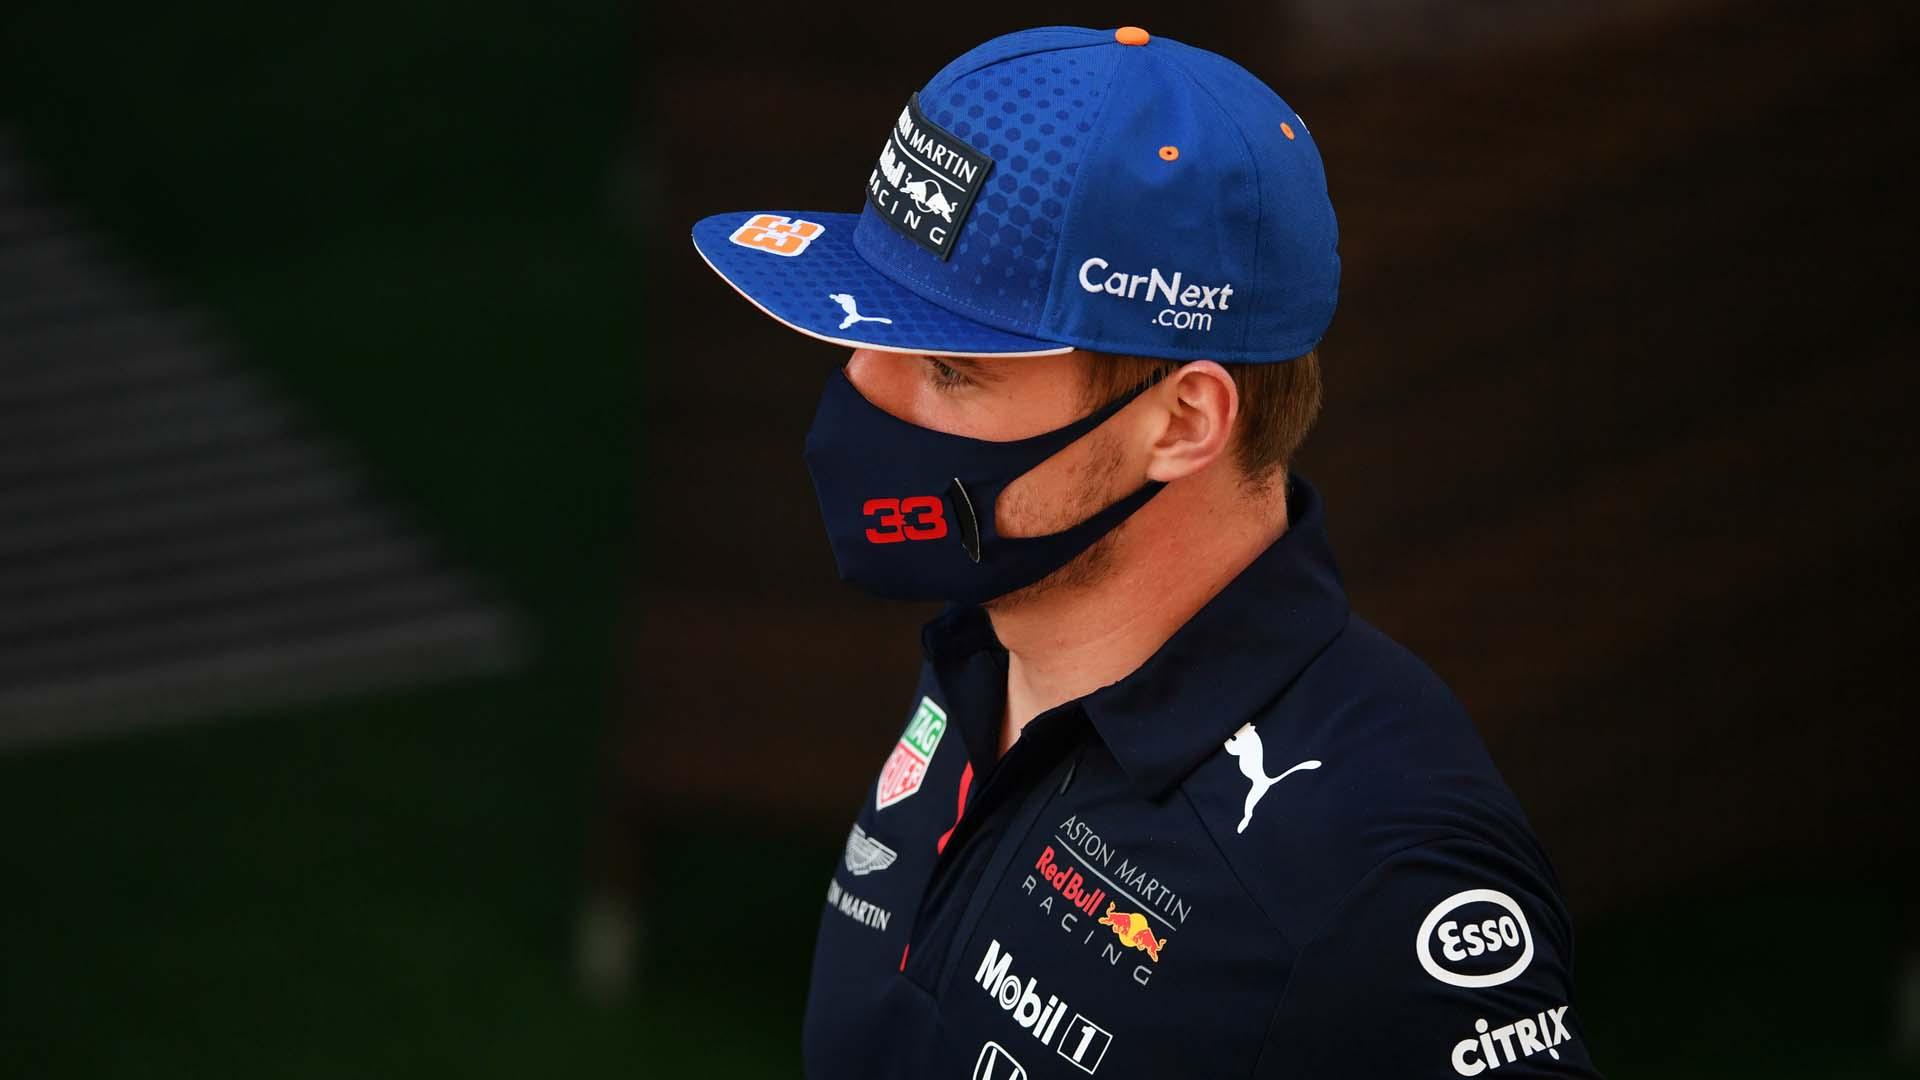 F1 Grand Prix of Russia - Previews